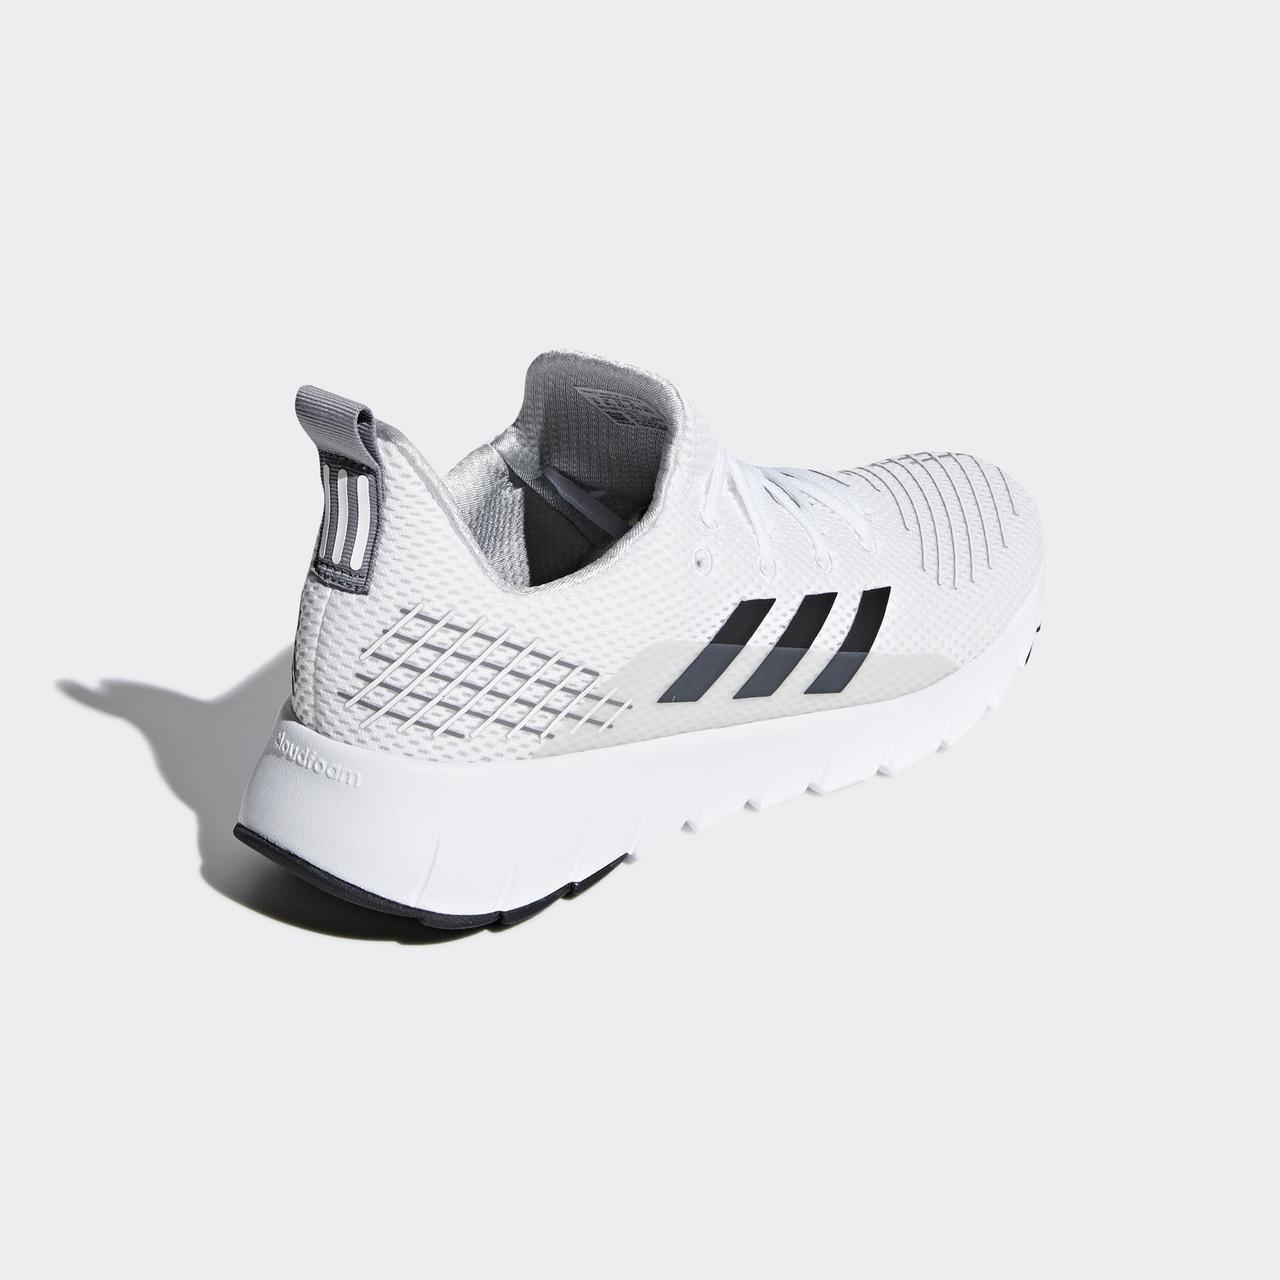 00768a48 Кроссовки беговые Adidas Asweego F35445 - 2019, цена 2 331 грн., купить в  Киеве — Prom.ua (ID#908612144)